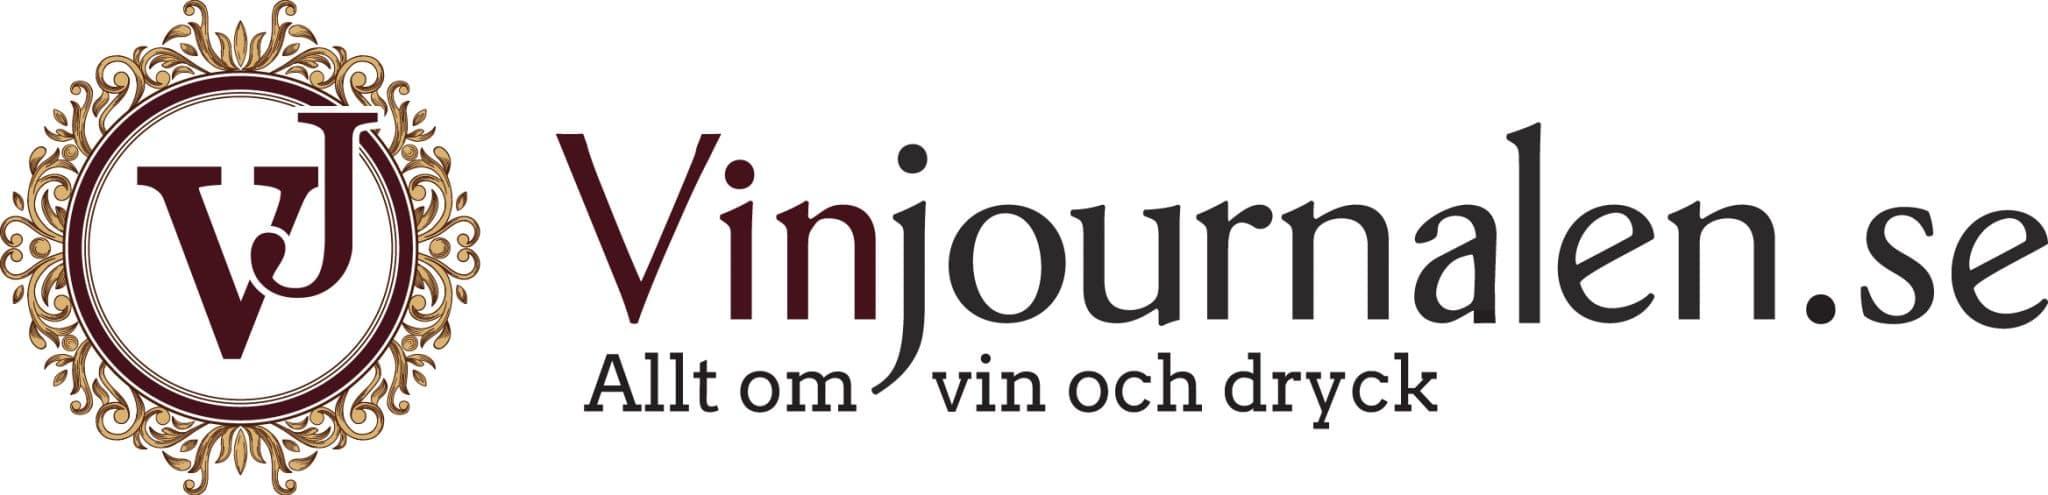 Vinjournalen.se logo